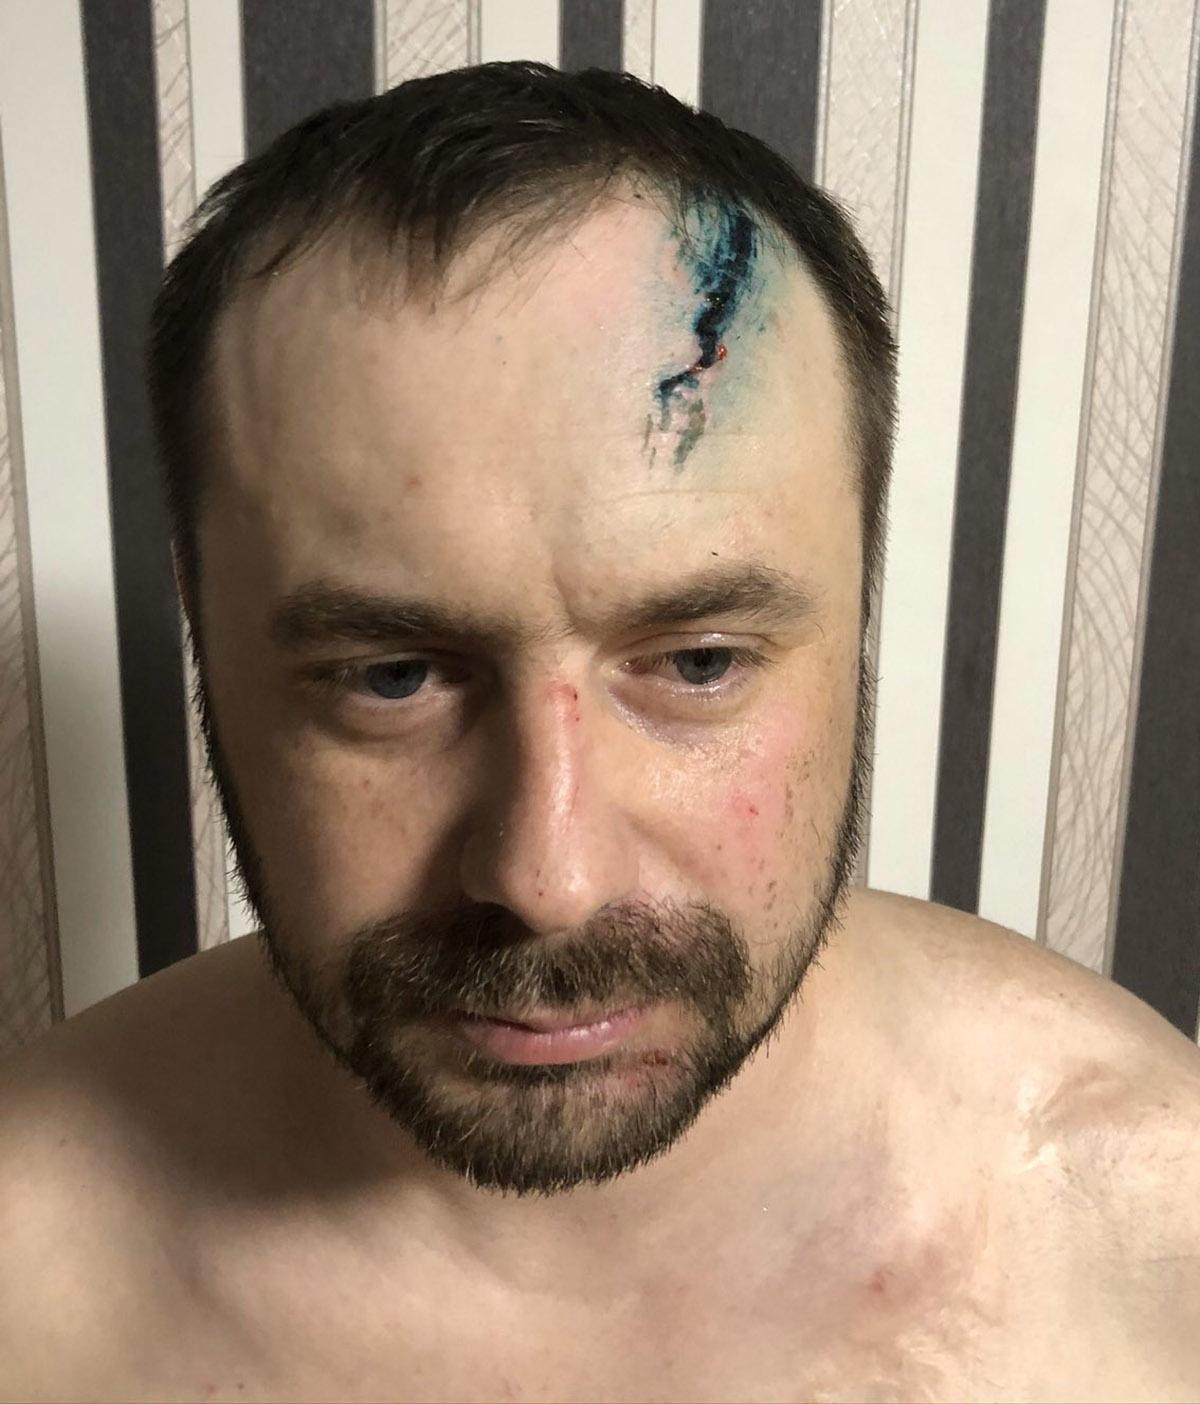 «Думал, это бандиты». После встречи с росгвардейцами пермский бизнесмен попал в больницу и стал обвиняемым